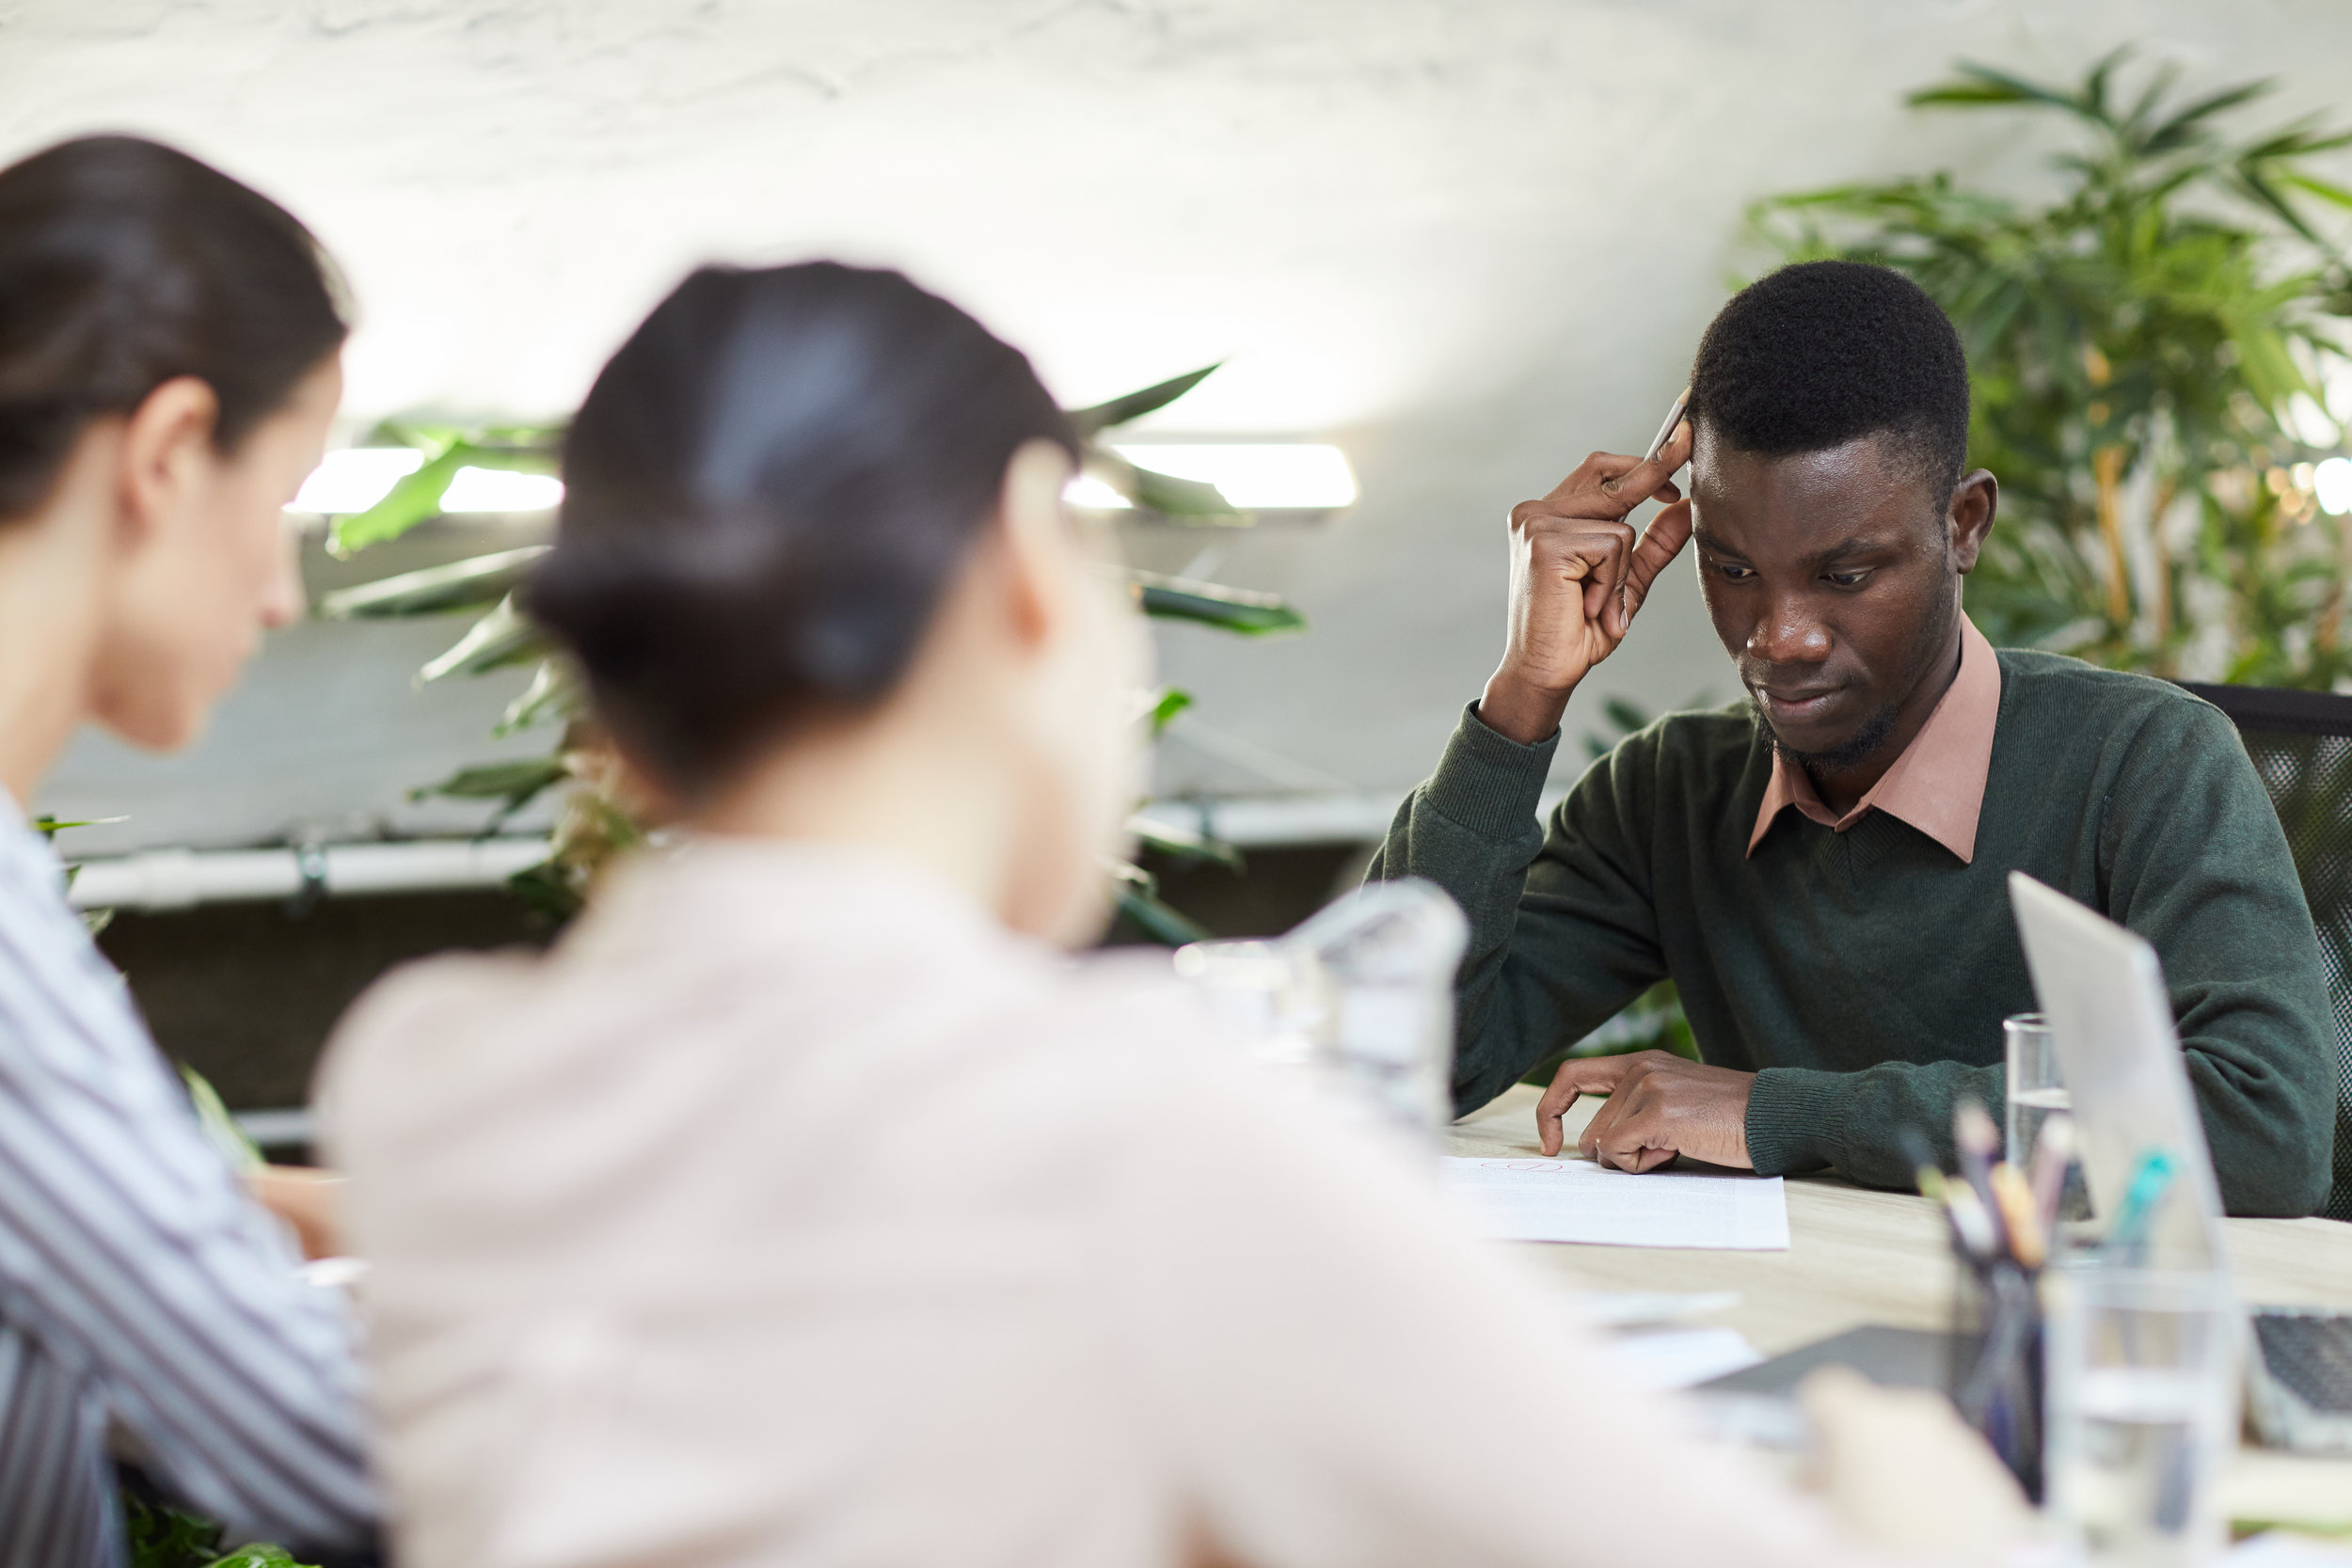 african-businessman-thinking-D4YC3HU.jpg